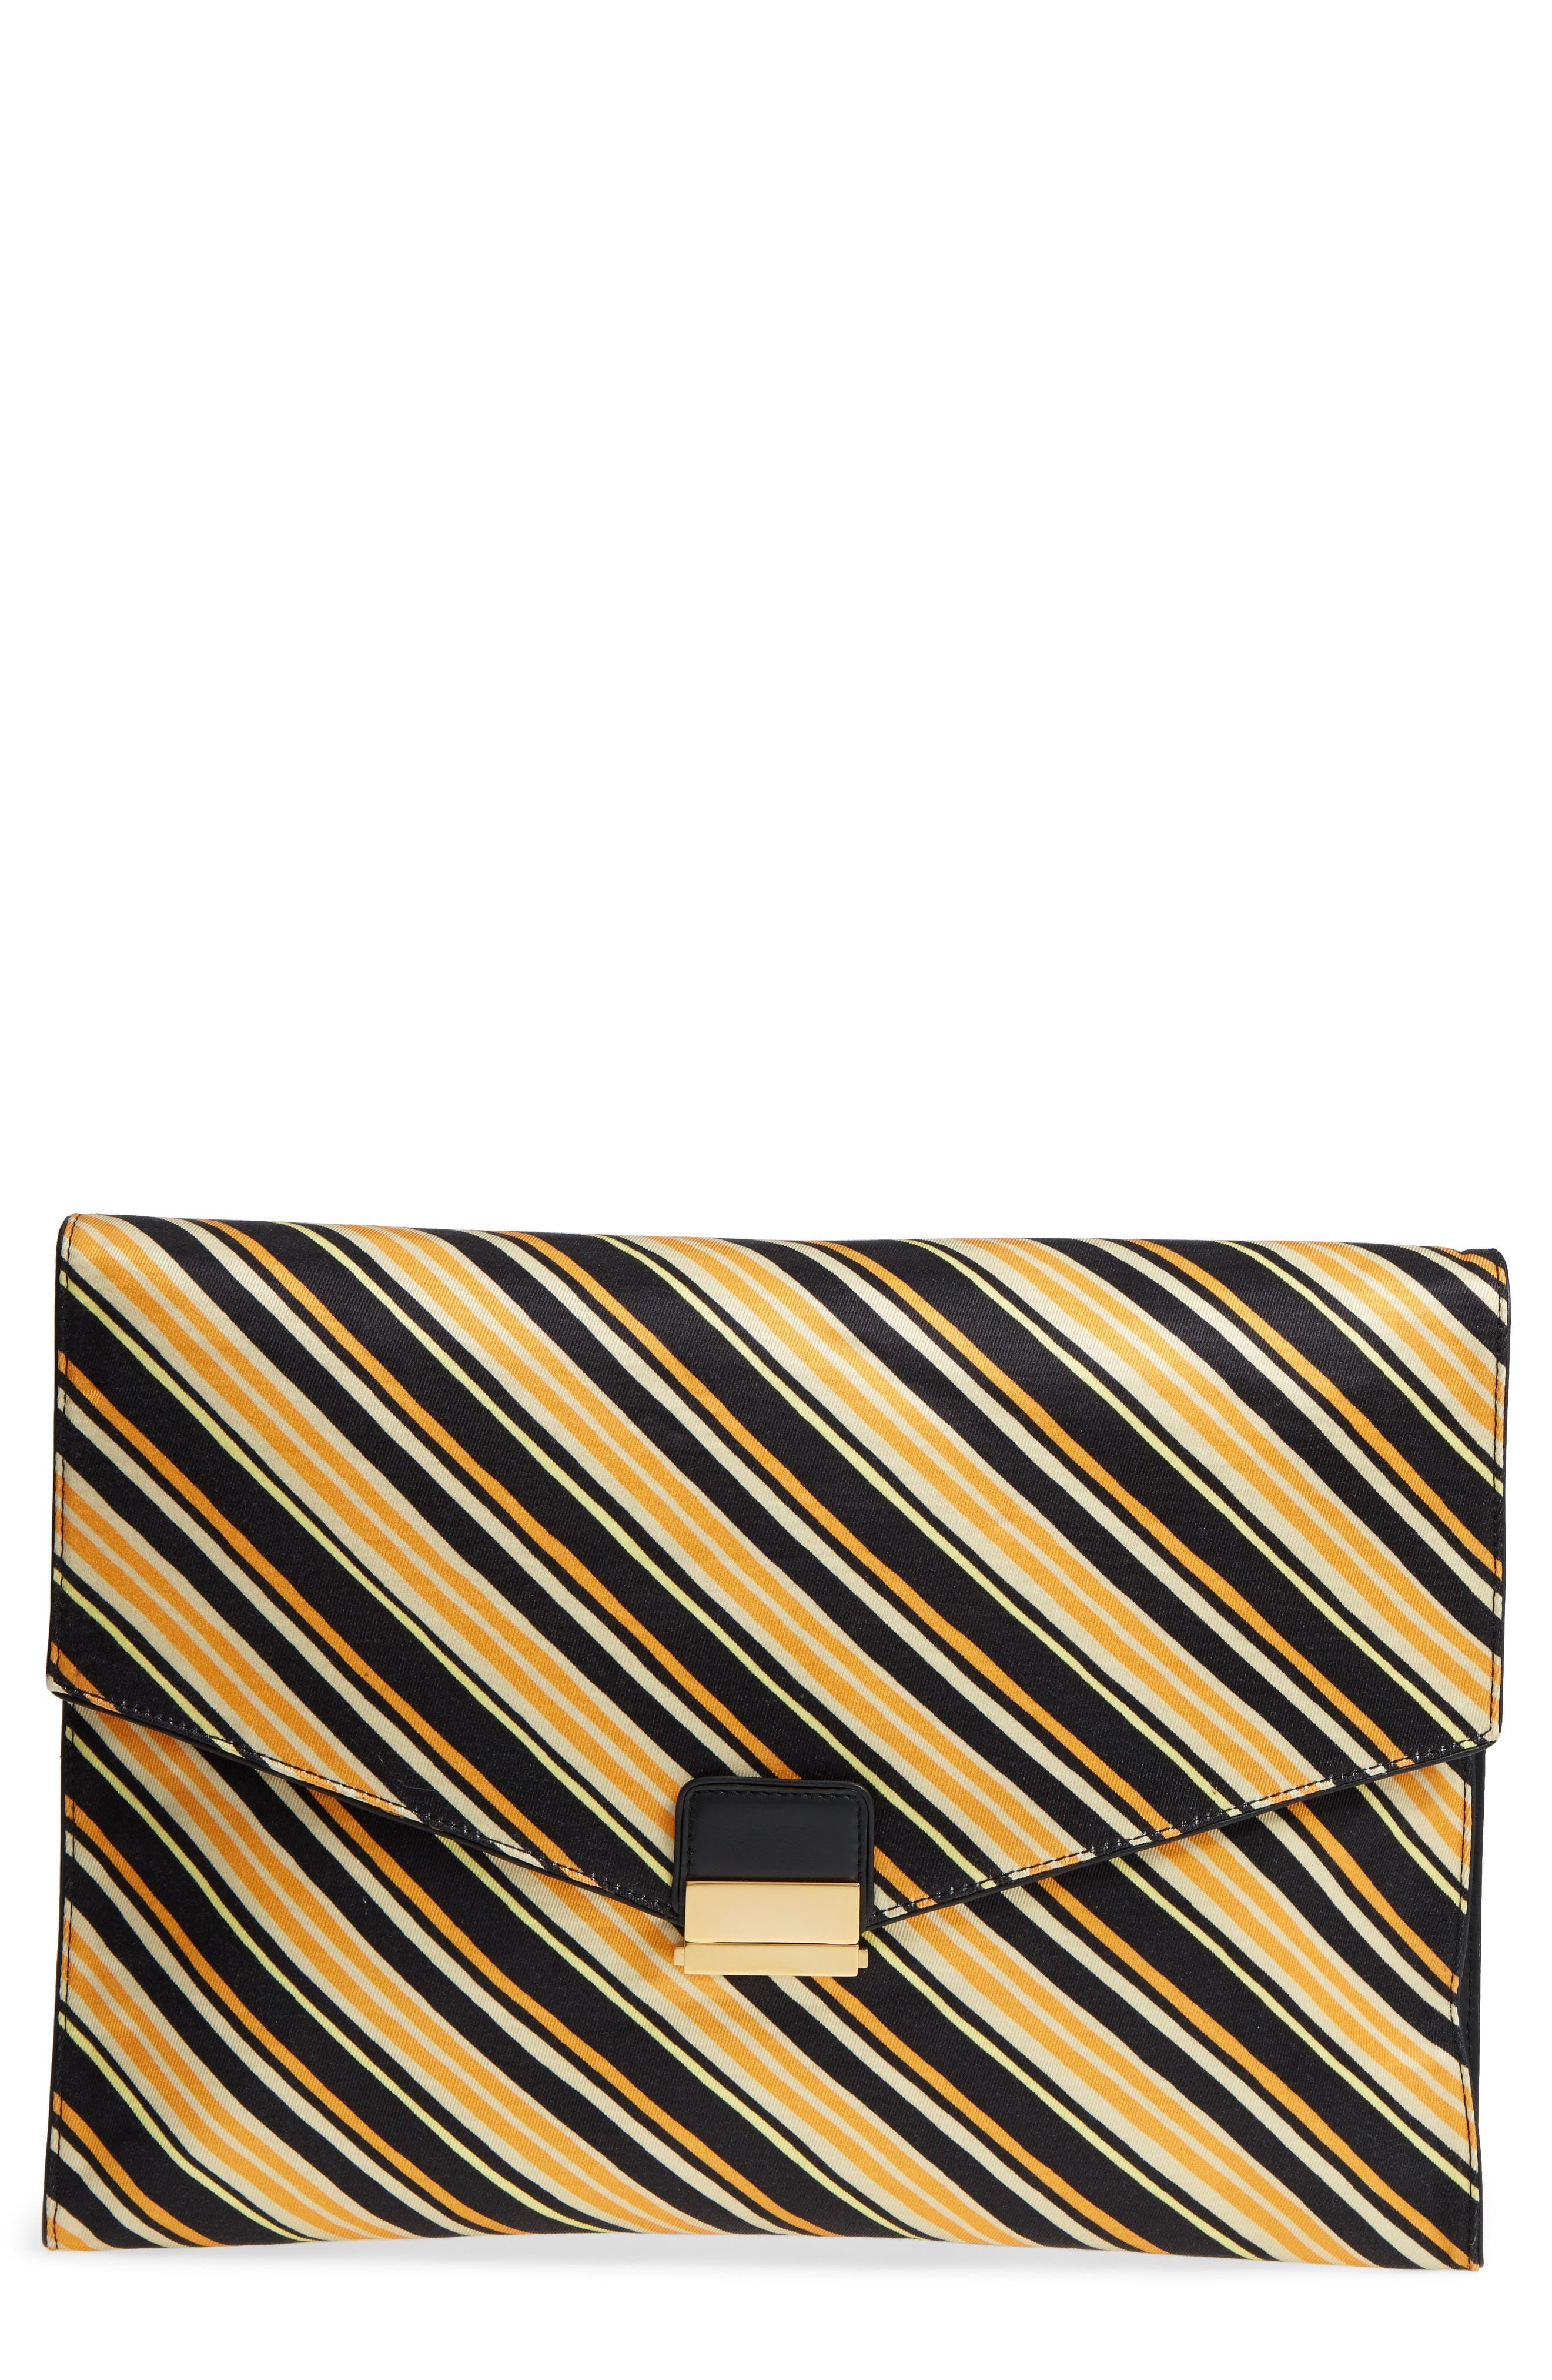 Dries Van Noten Stripe Canvas Large Canvas Envelope Clutch